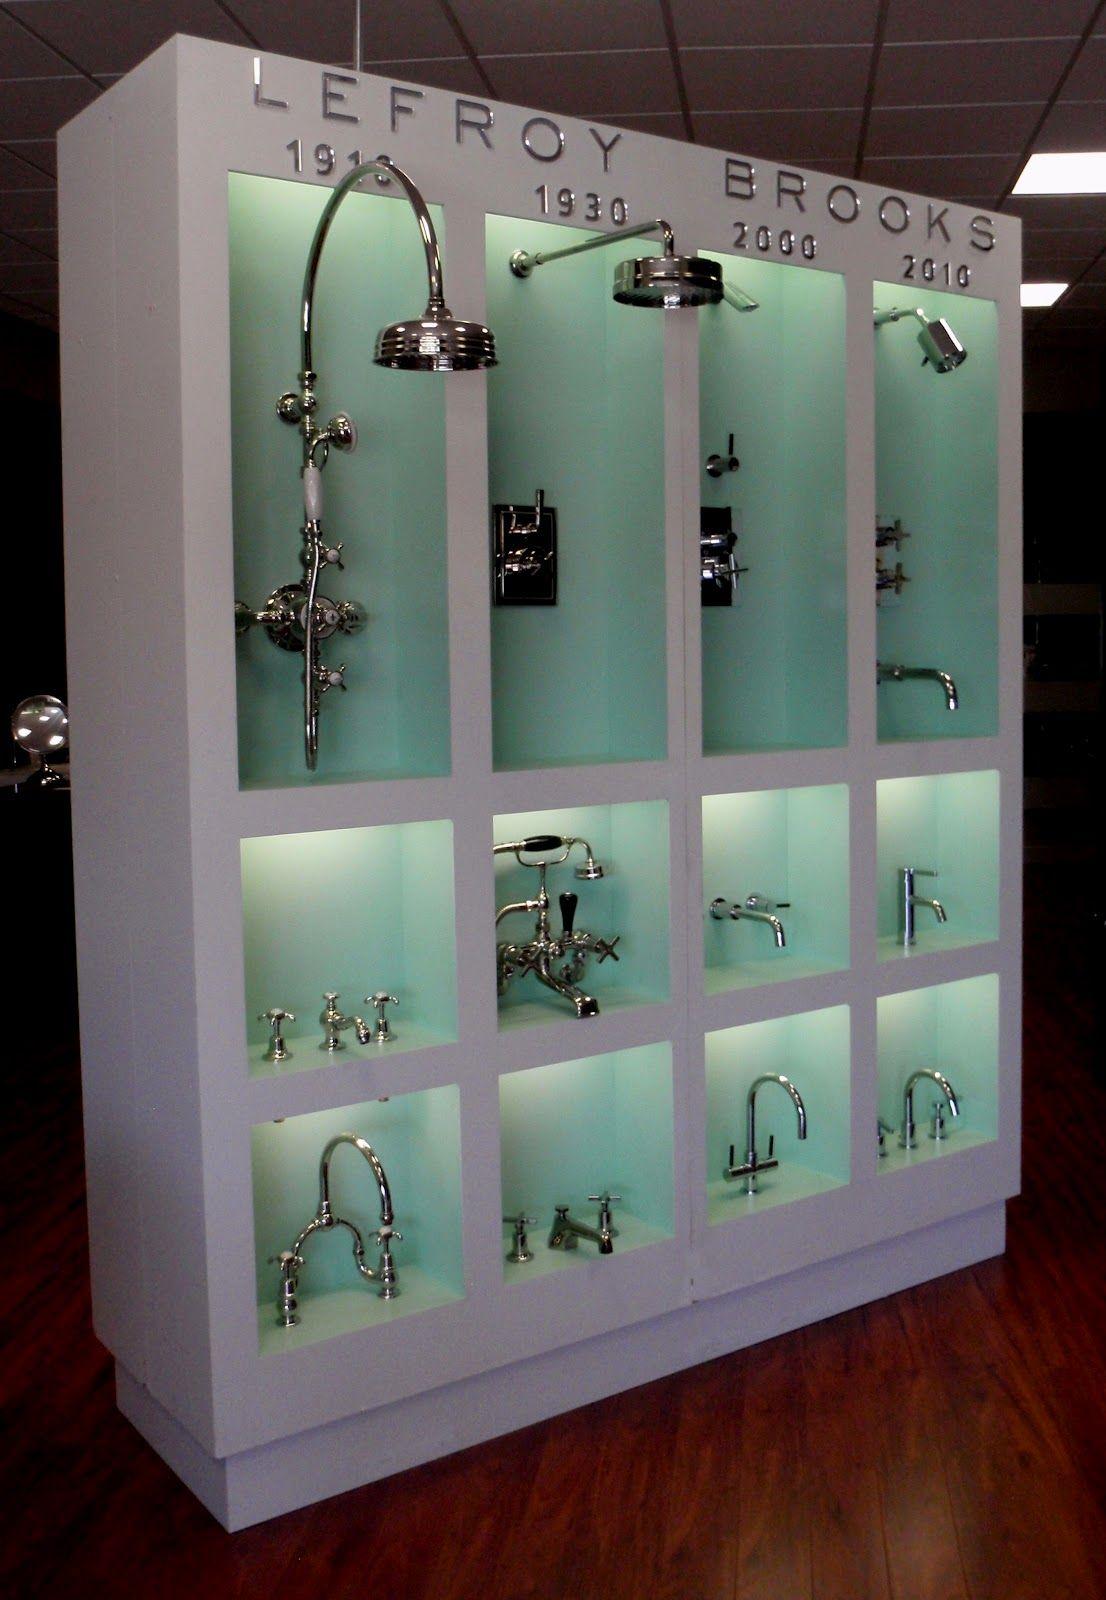 Lefroy Brooks Showroom Design Showroom Display Tile